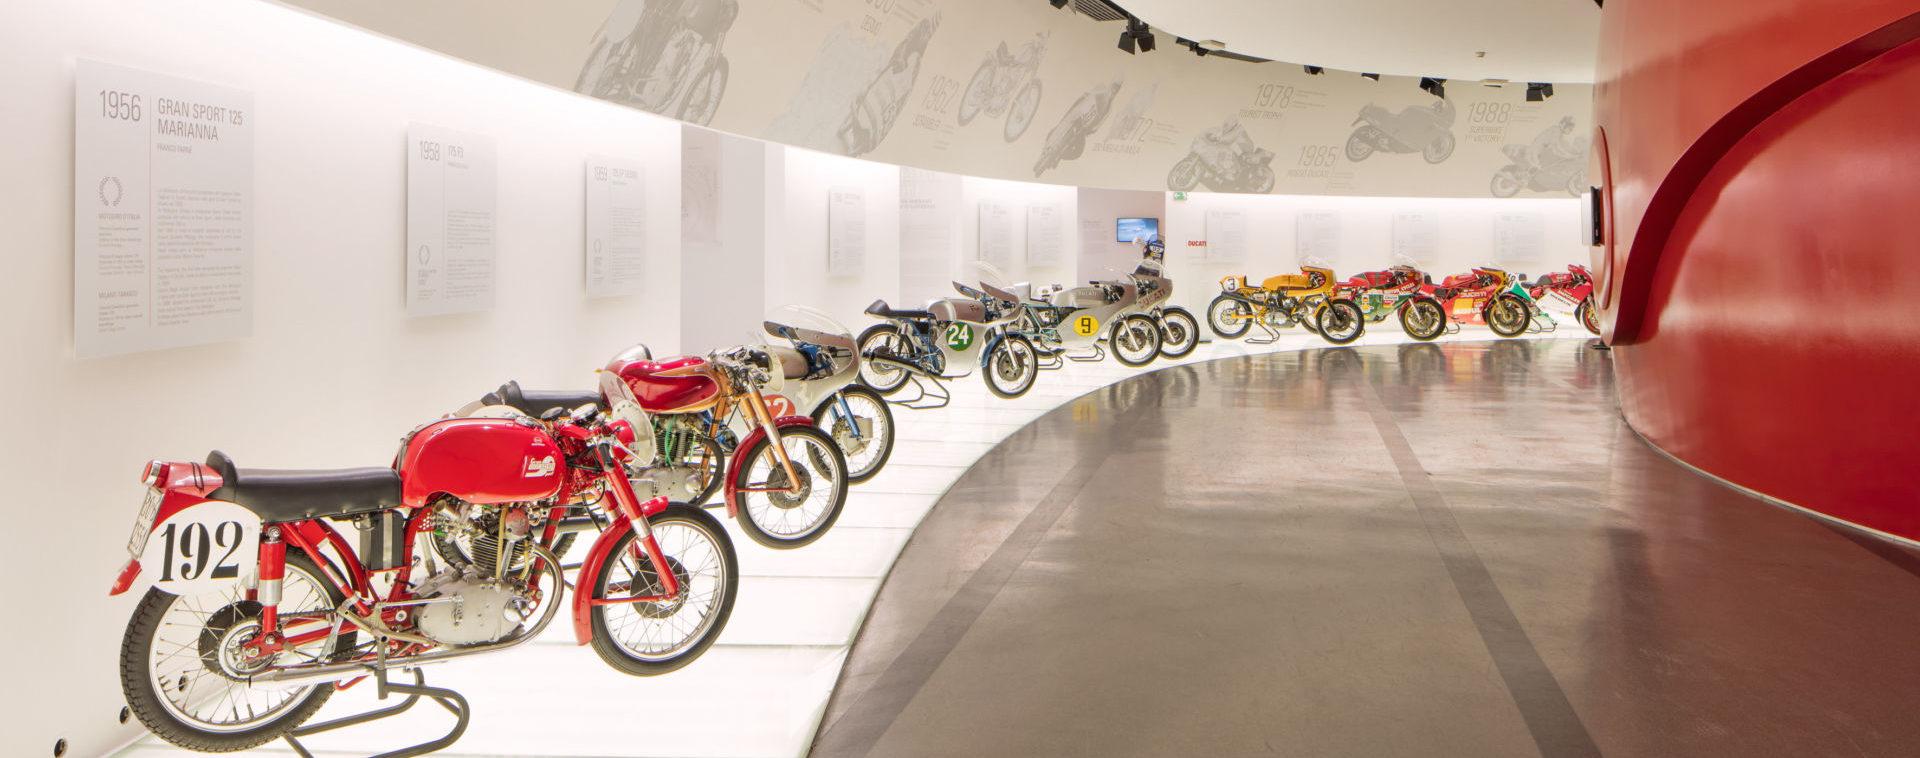 The Ducati Museum in Bologna, Italy. Photo courtesy Ducati.